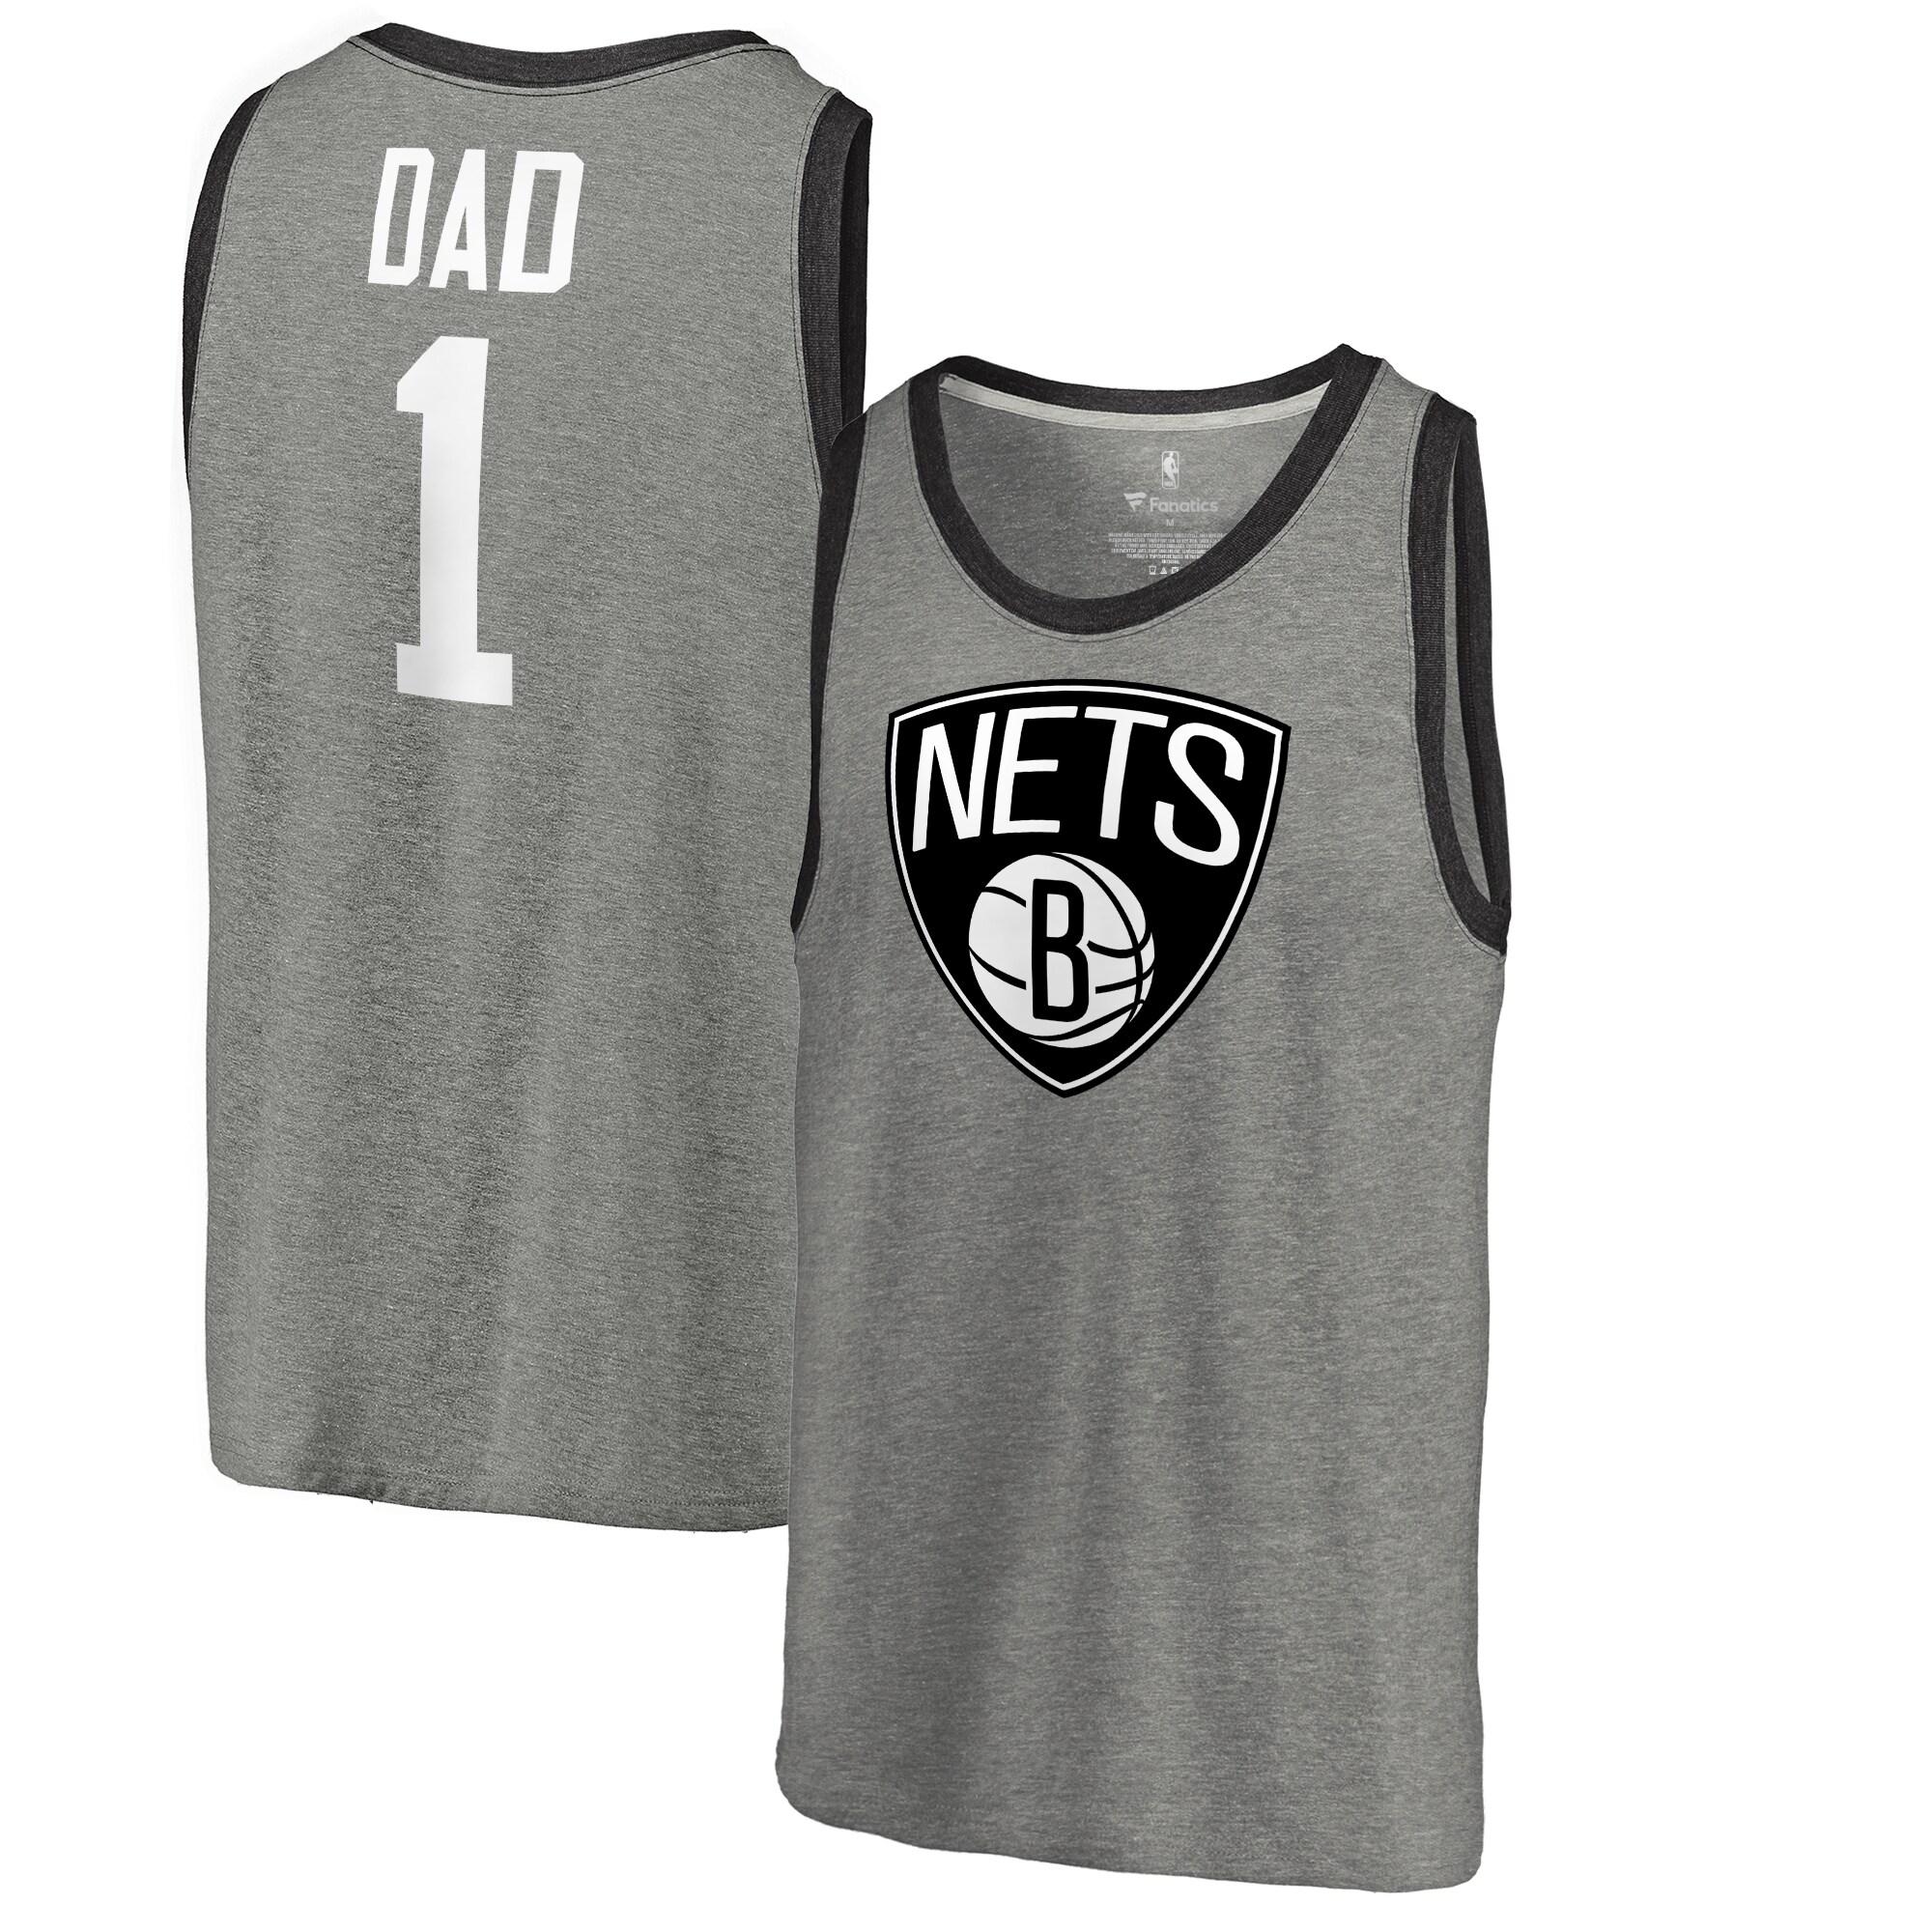 Brooklyn Nets Fanatics Branded #1 Dad Tri-Blend Tank Top - Ash